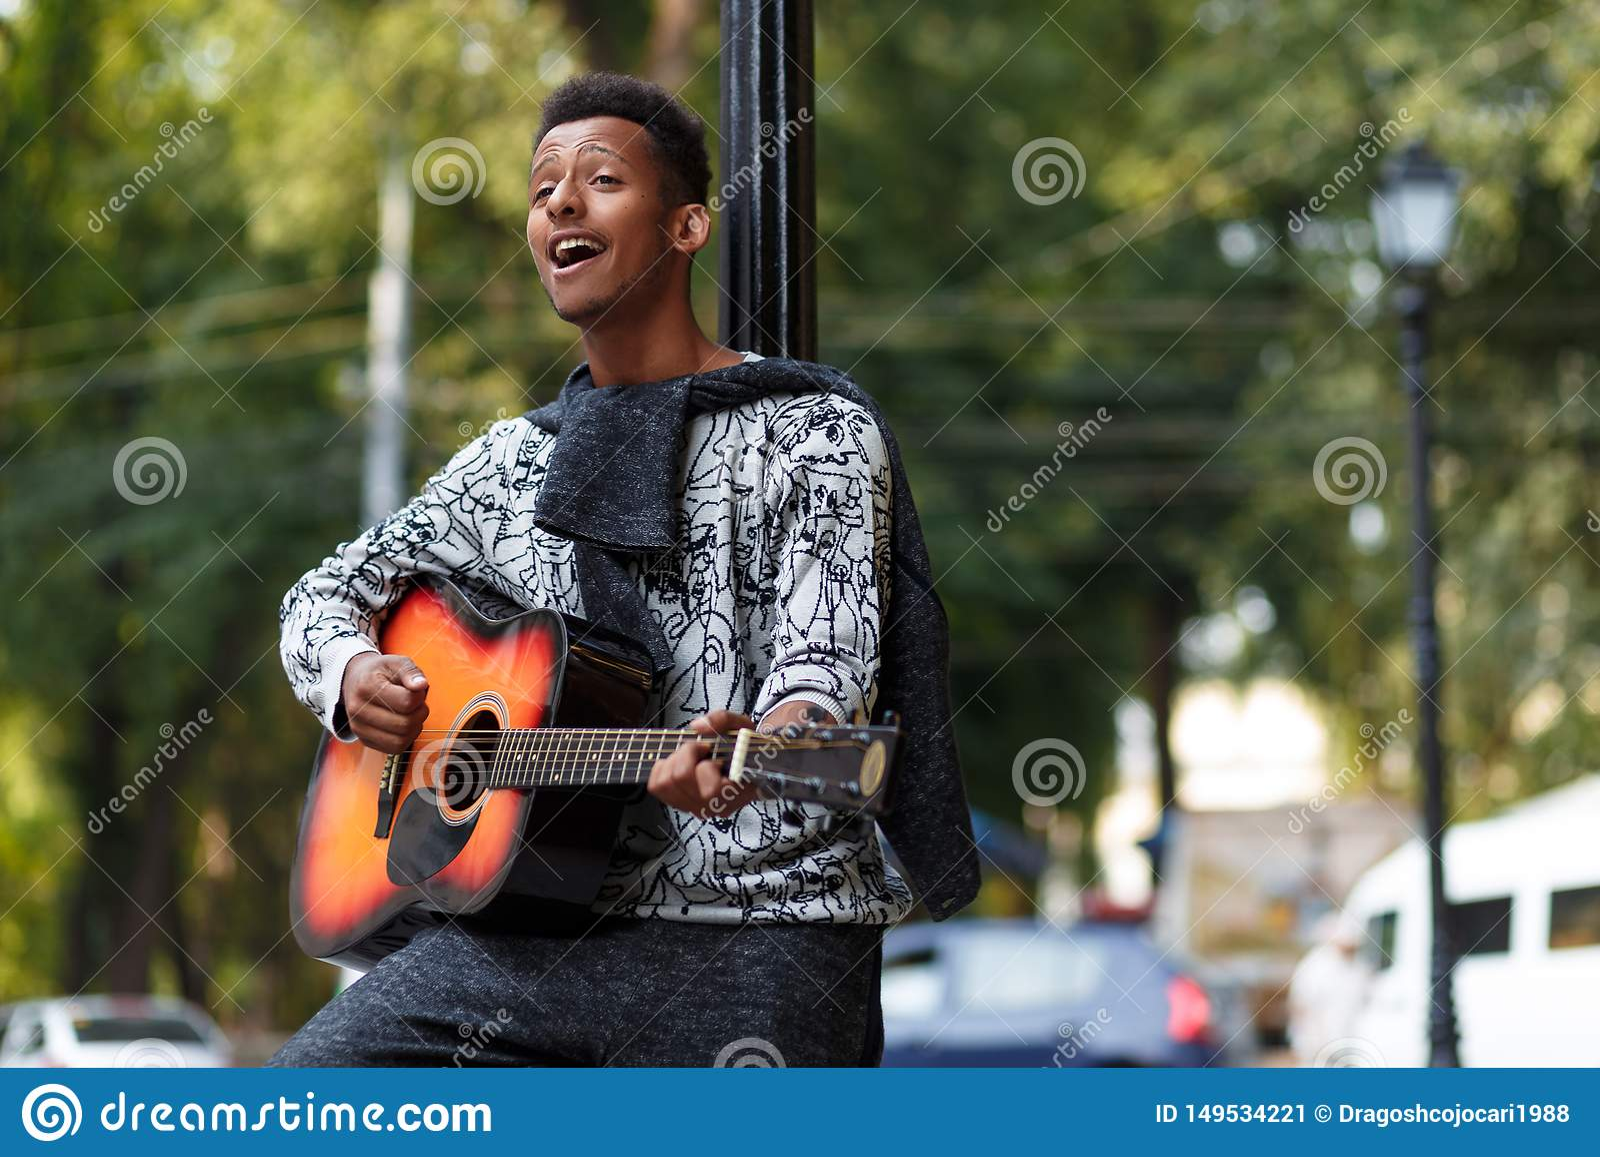 Il giovane musicista giocato sulla chitarra, canta una canzone nel giorno soleggiato, su un fondo vago della via